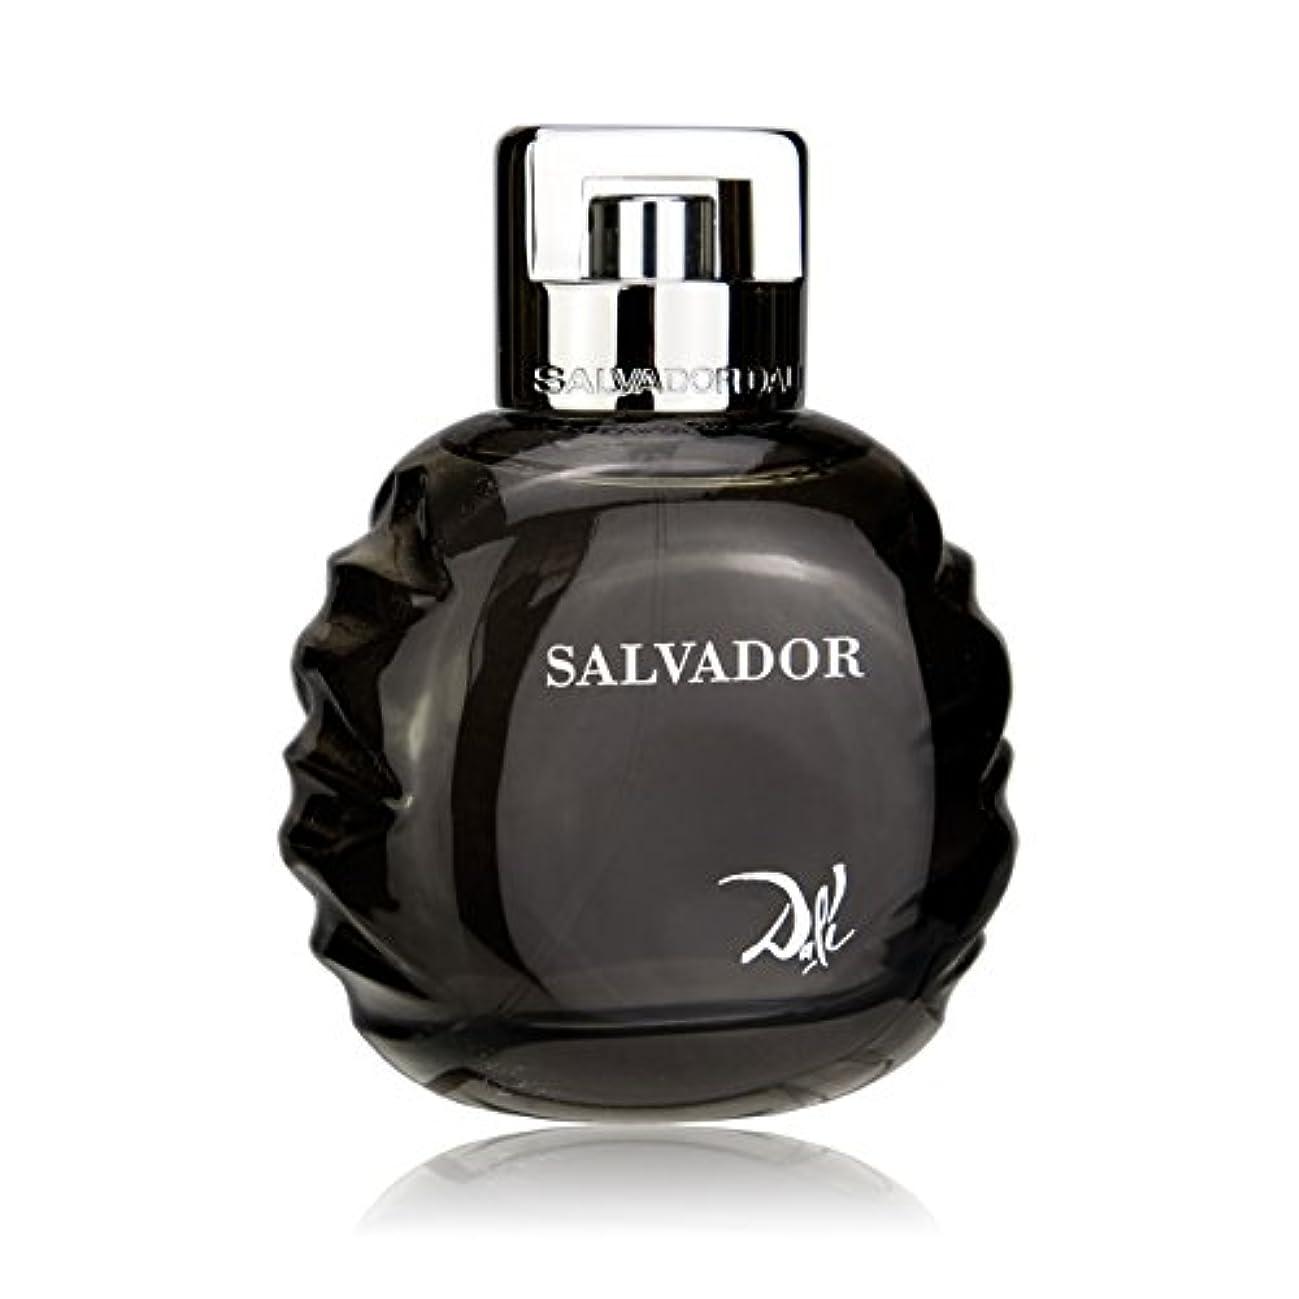 ひどいベーコン分配しますサルバドールダリ SALVADOR DALI サルバドール プールオム 100ml EDT SP オードトワレスプレー